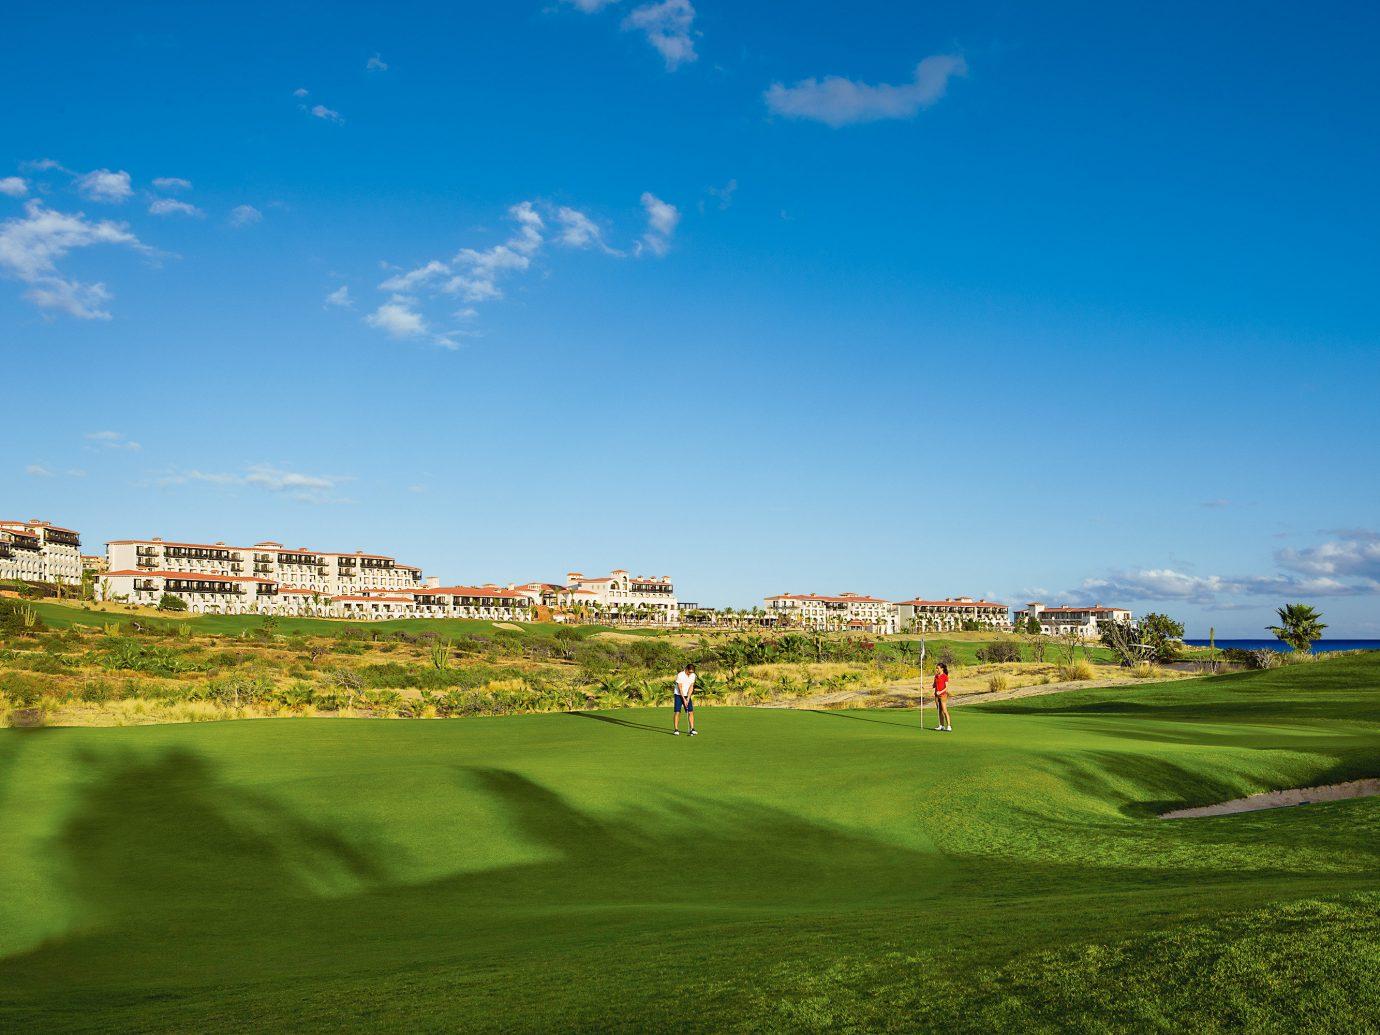 Golf course at Secrets Puerto Los Cabos Golf & Spa Resort